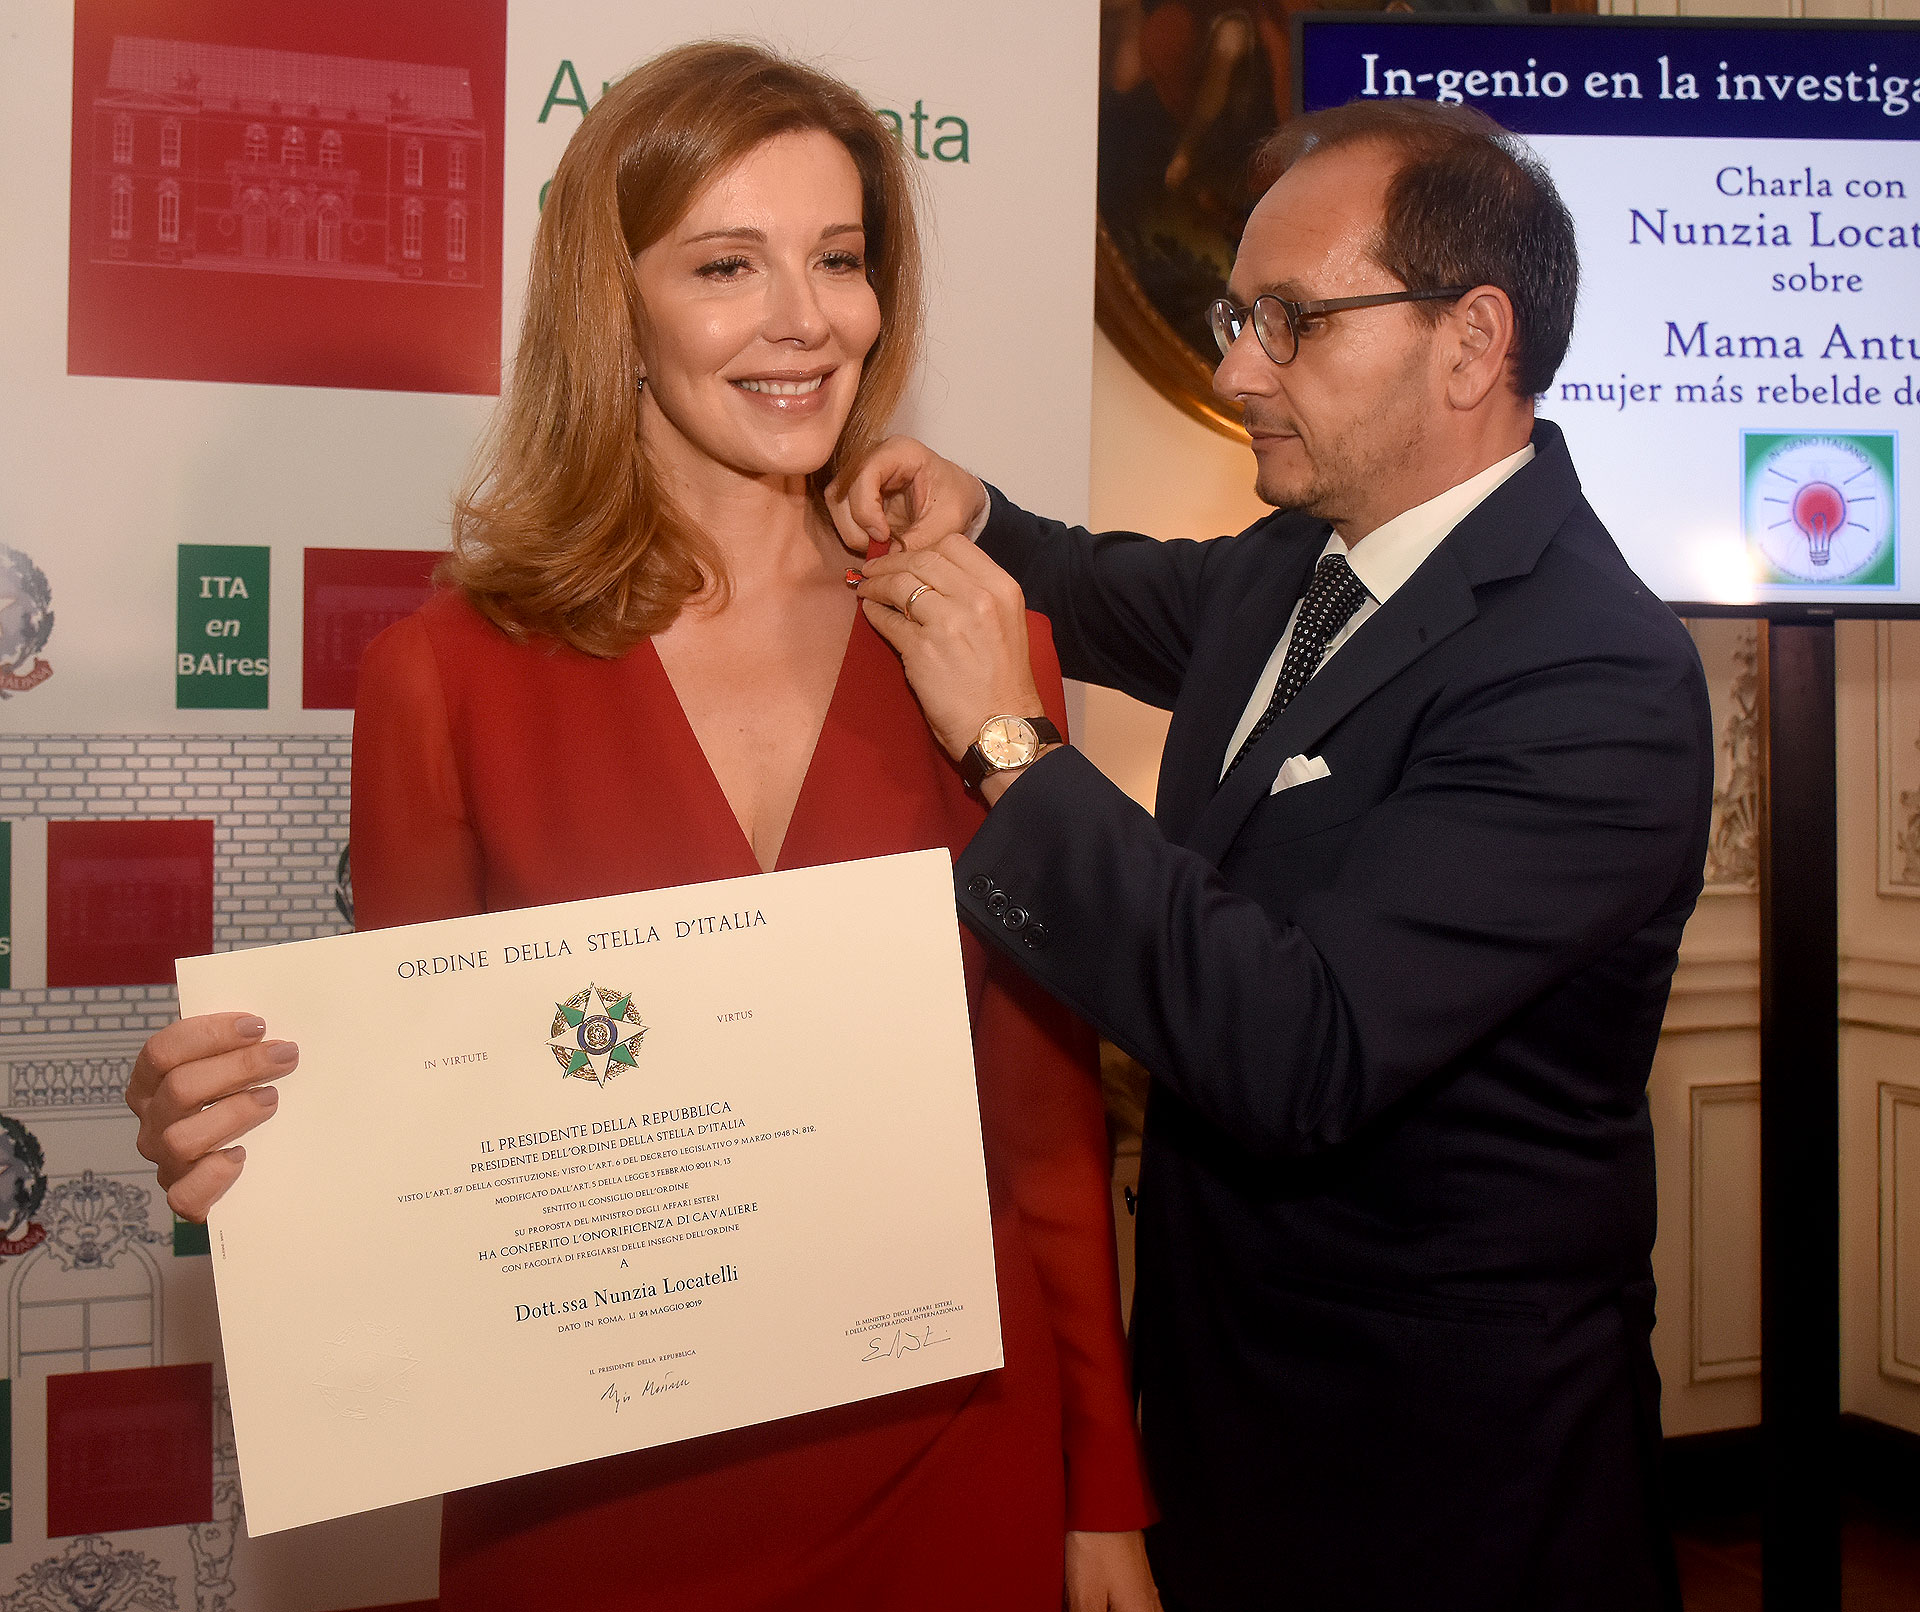 Nunzia Locatelli recibió la condecoración de la mano del embajador